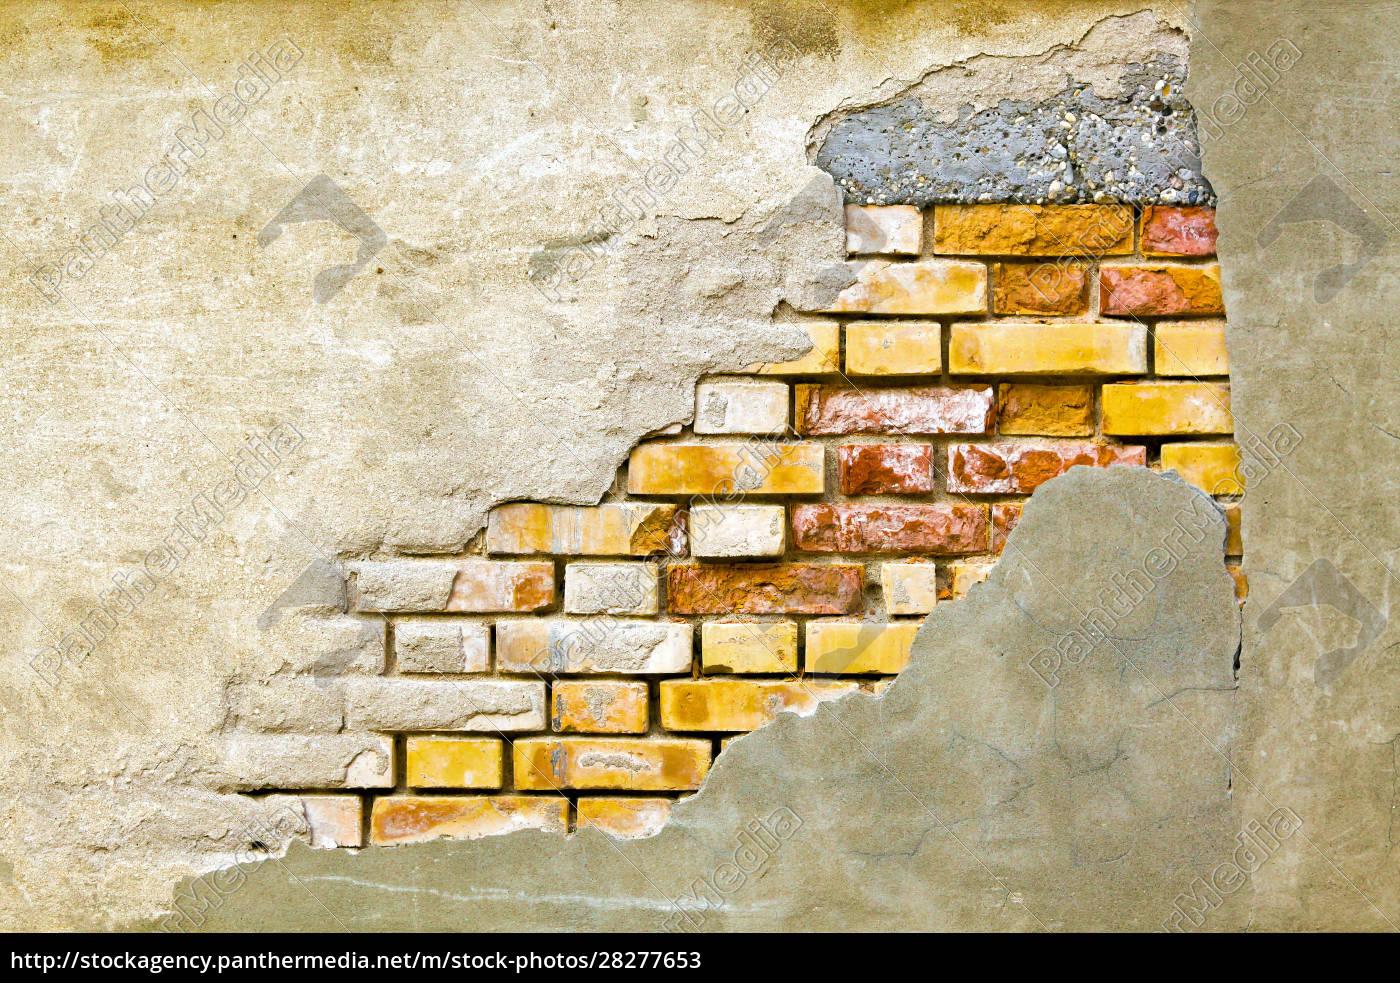 grunge, brick, wall - 28277653